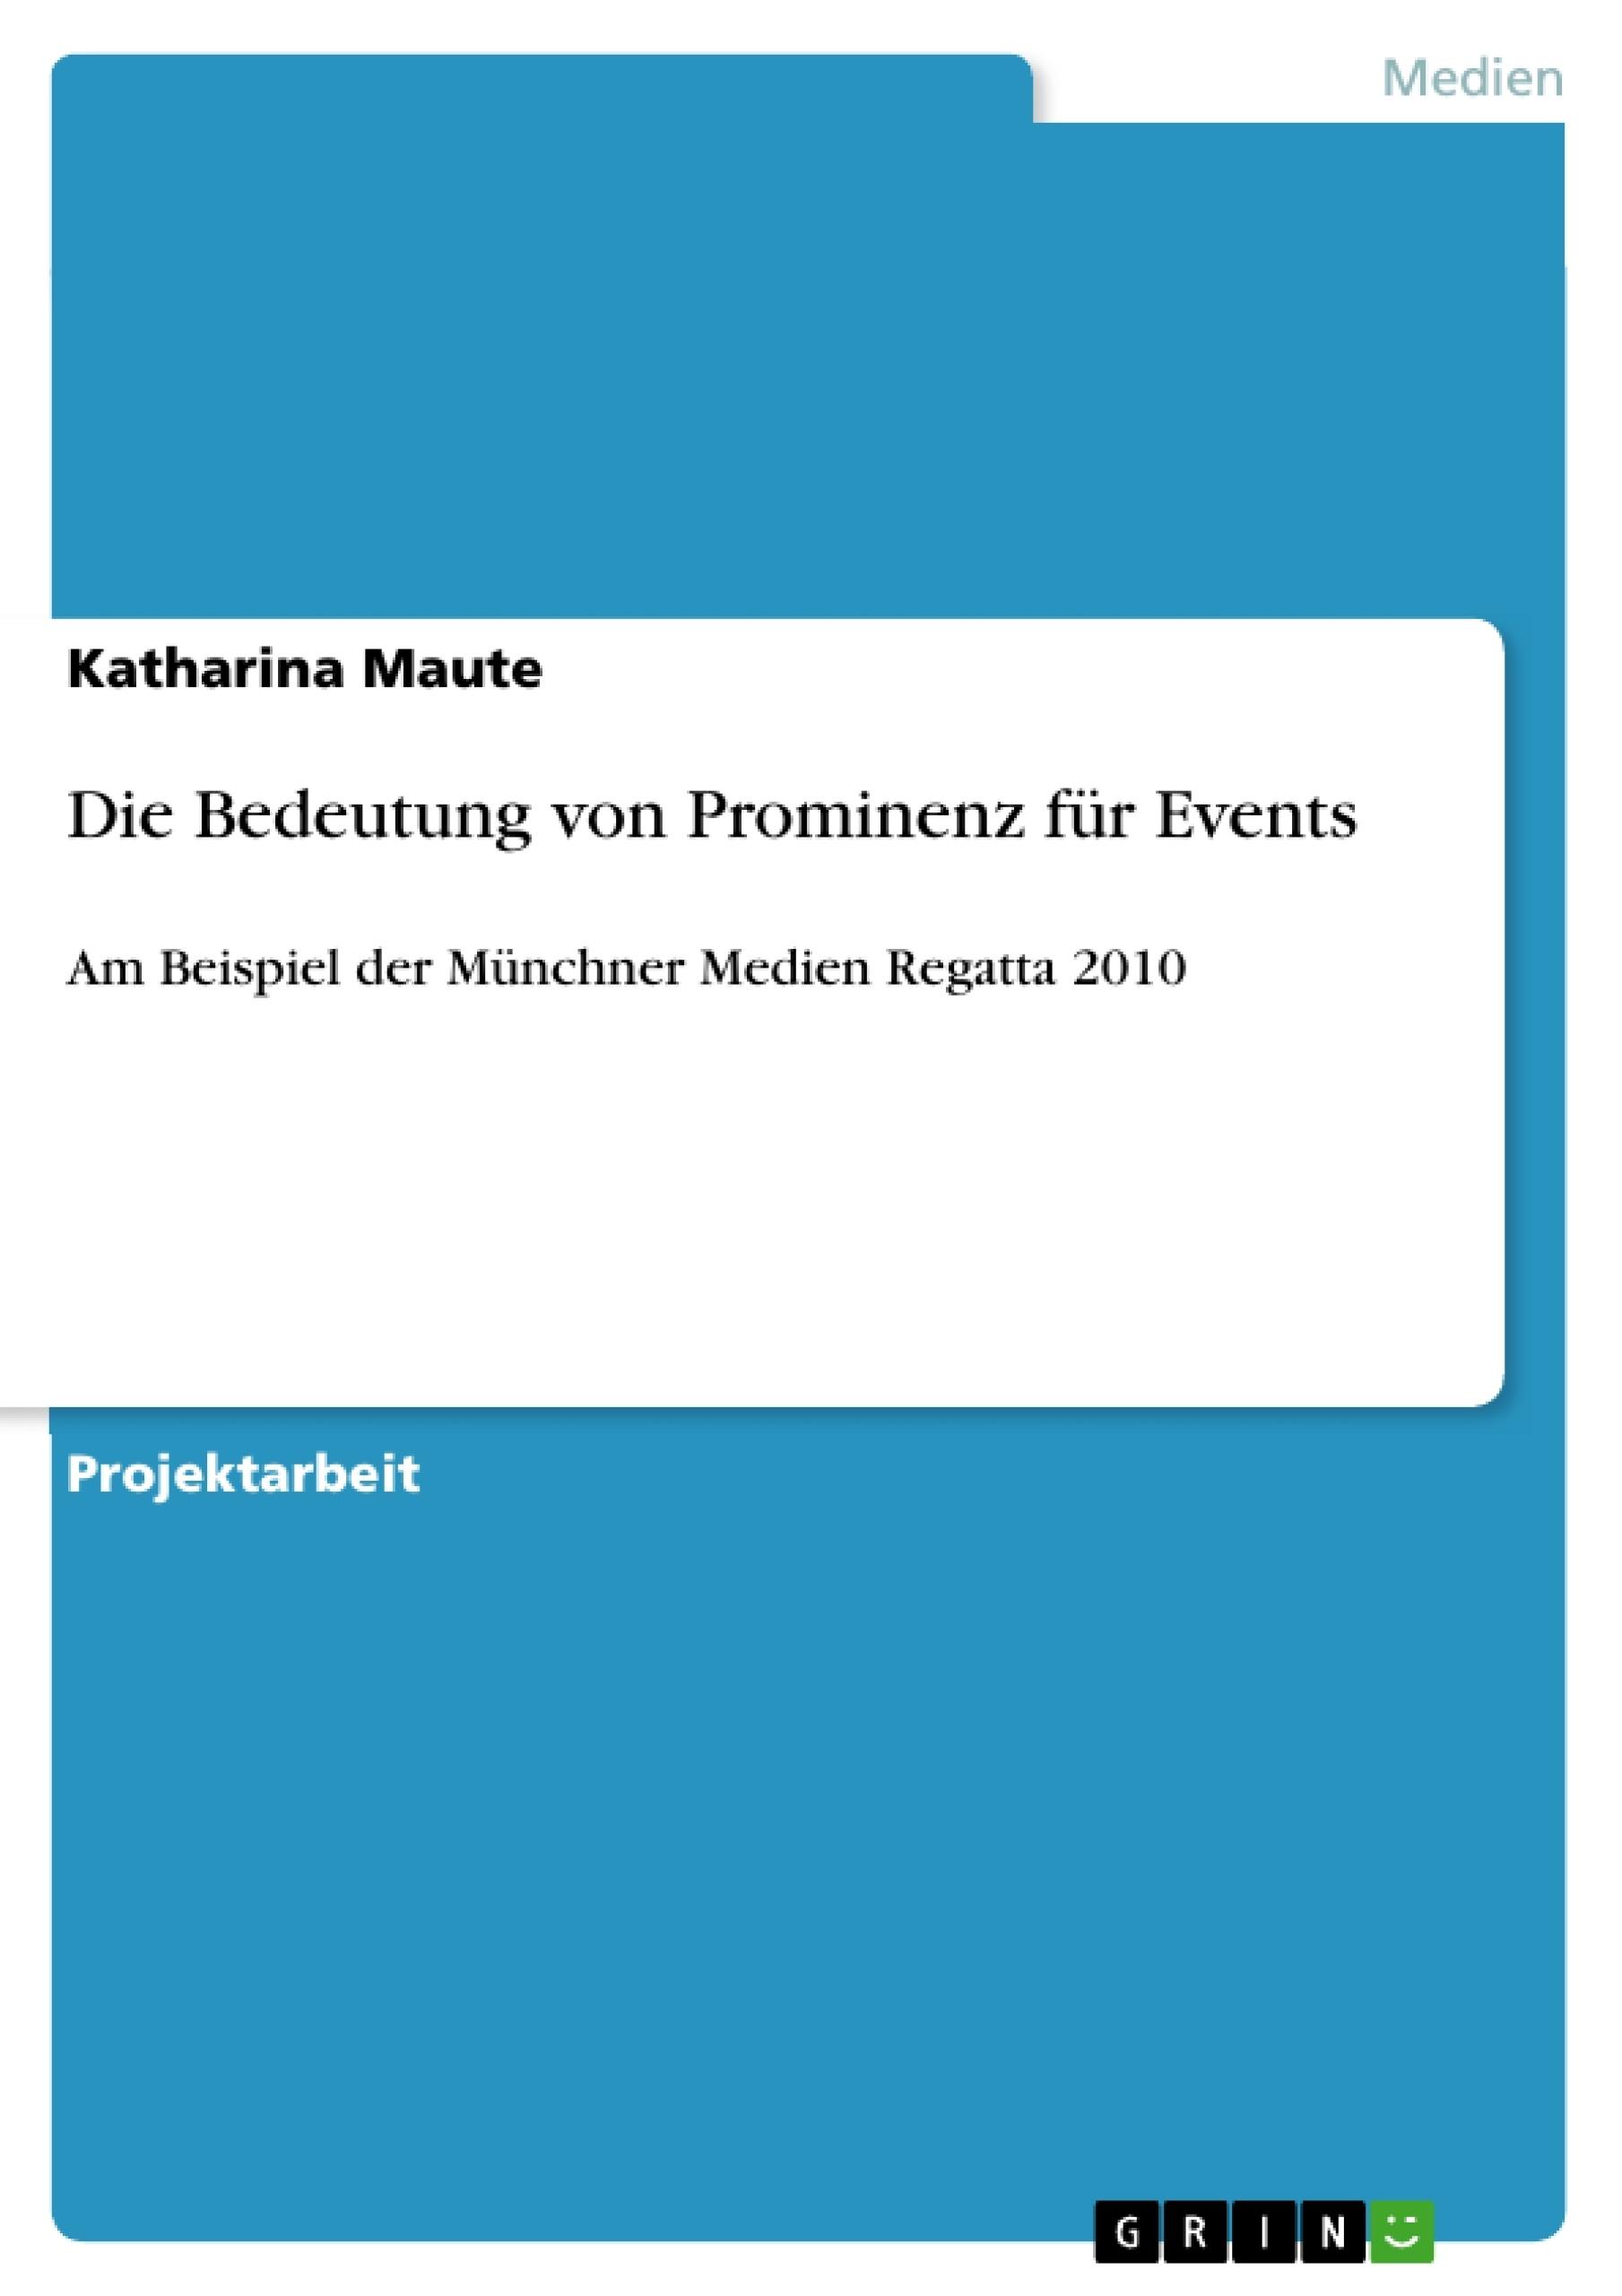 Titel: Die Bedeutung von Prominenz für Events